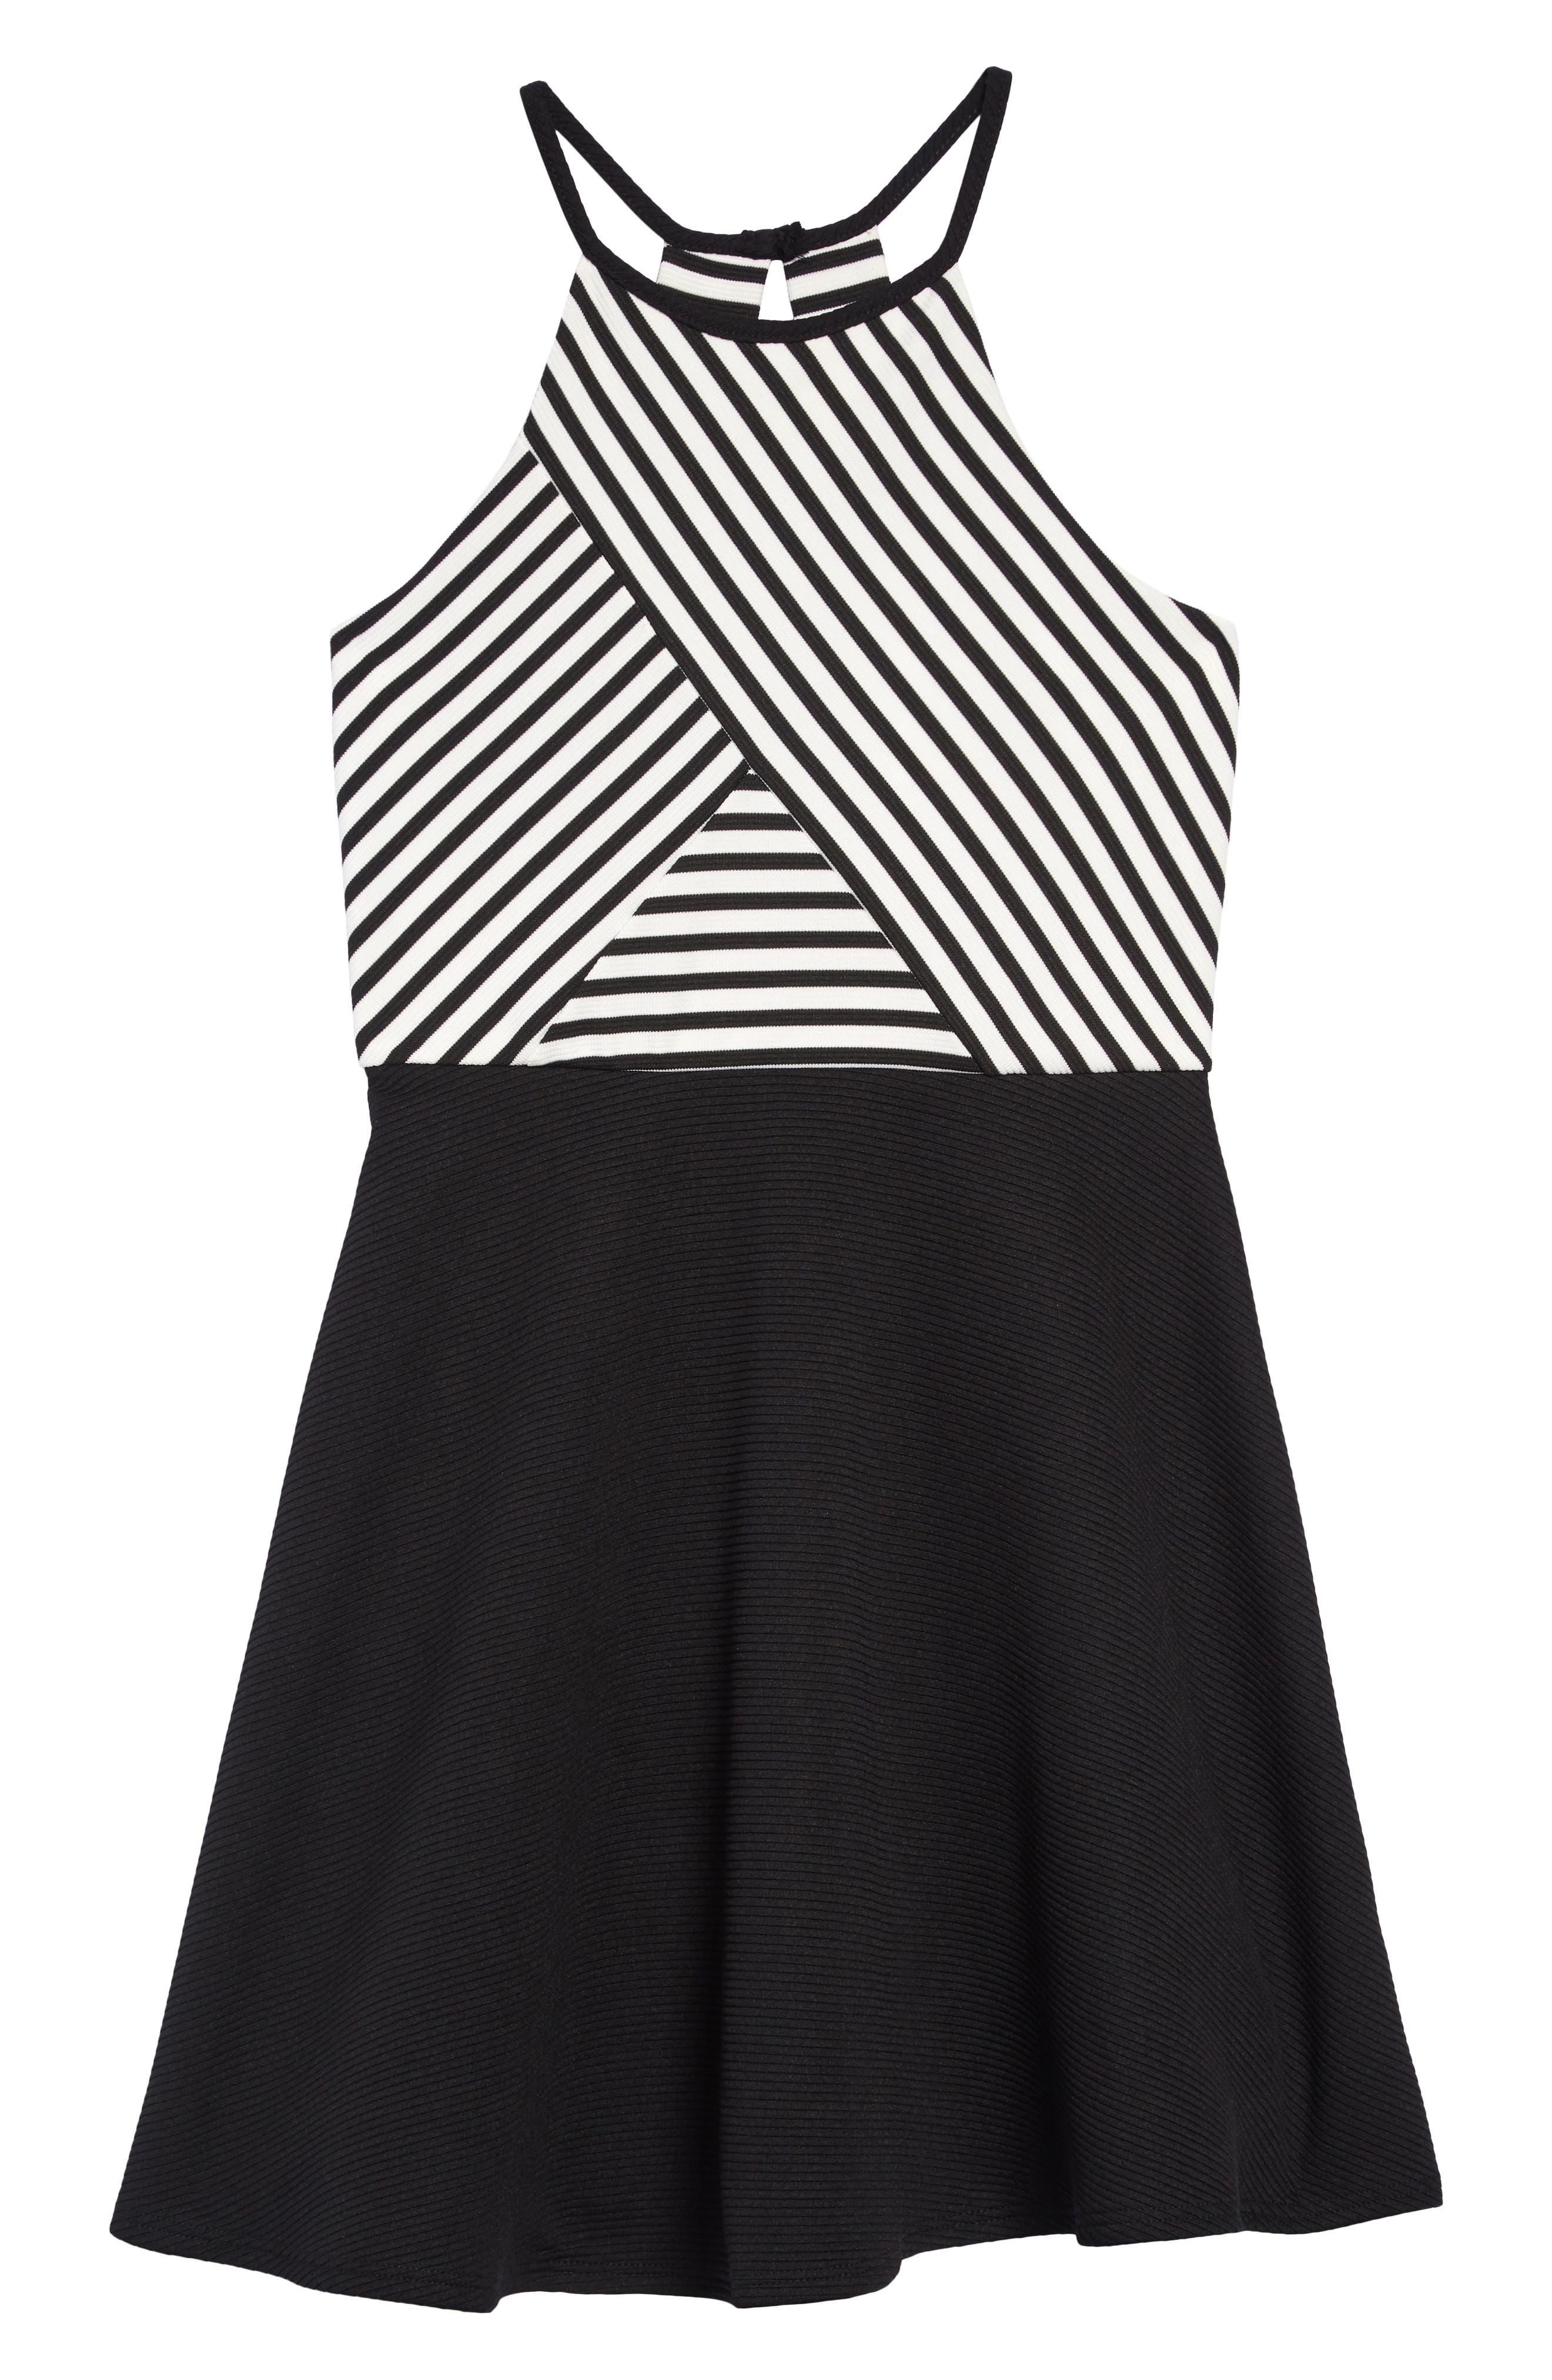 e1f222a088f8 Girl's Zunie Stripe Ottoman Skater Dress, Black